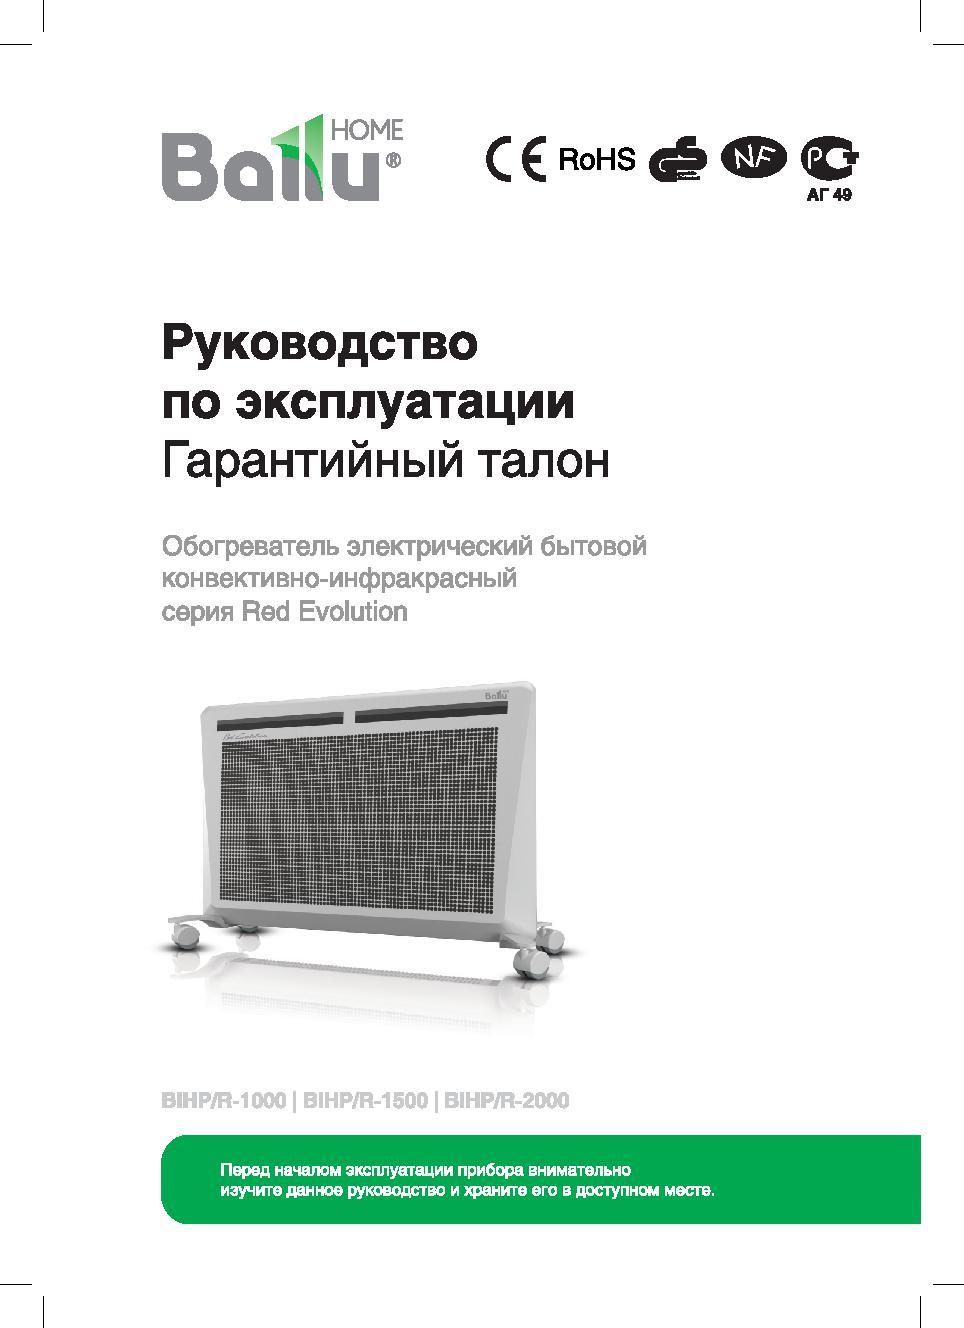 Инструкция на конвективно-инфракрасные обогреватели Ballu BIHP/R